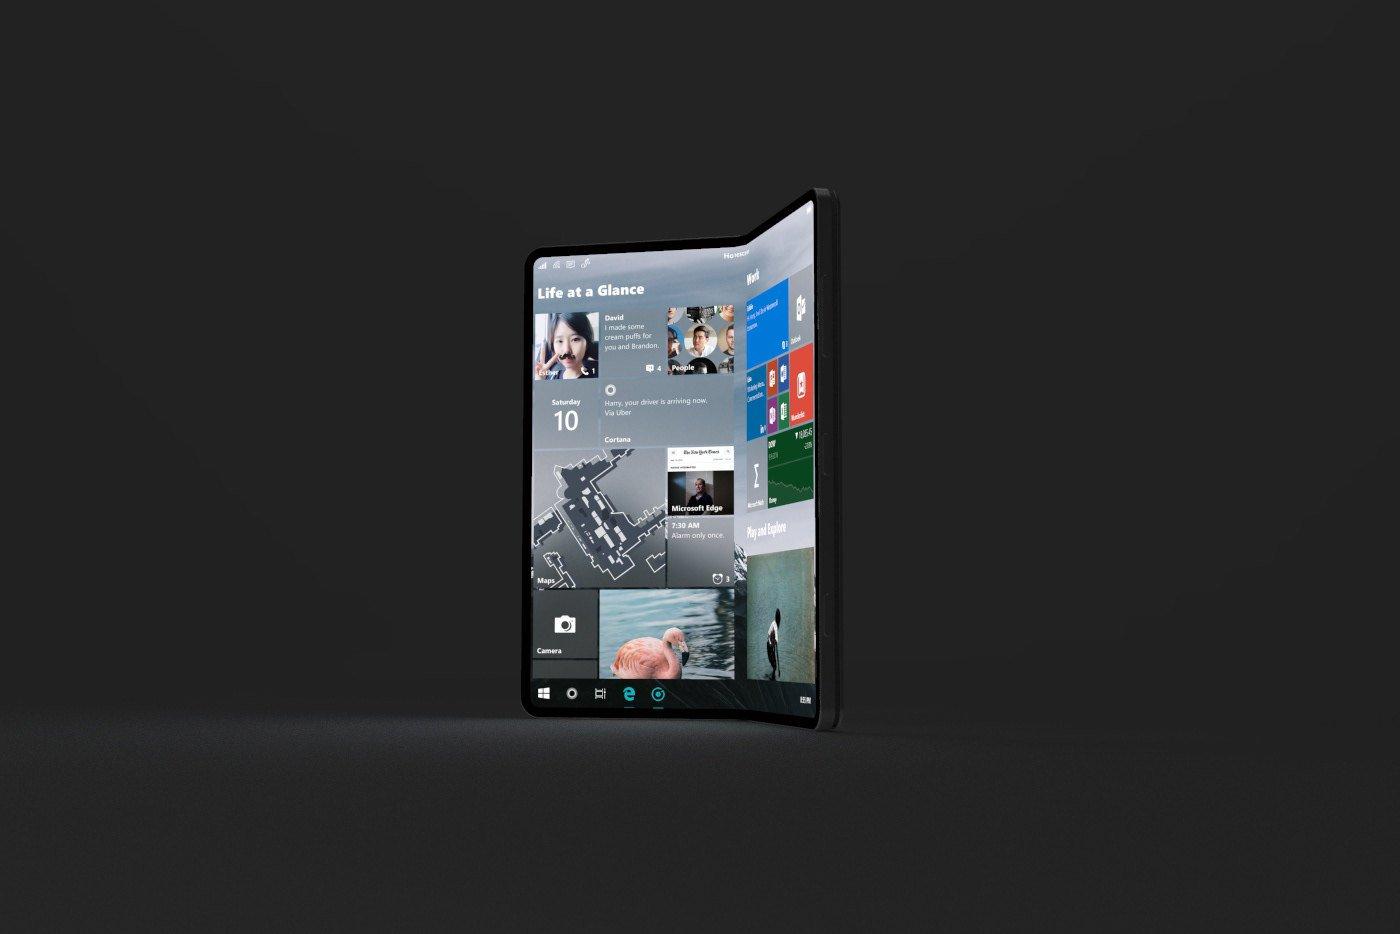 Surface Phone màn hình gập sẽ hồi sinh điện thoại của Microsoft?